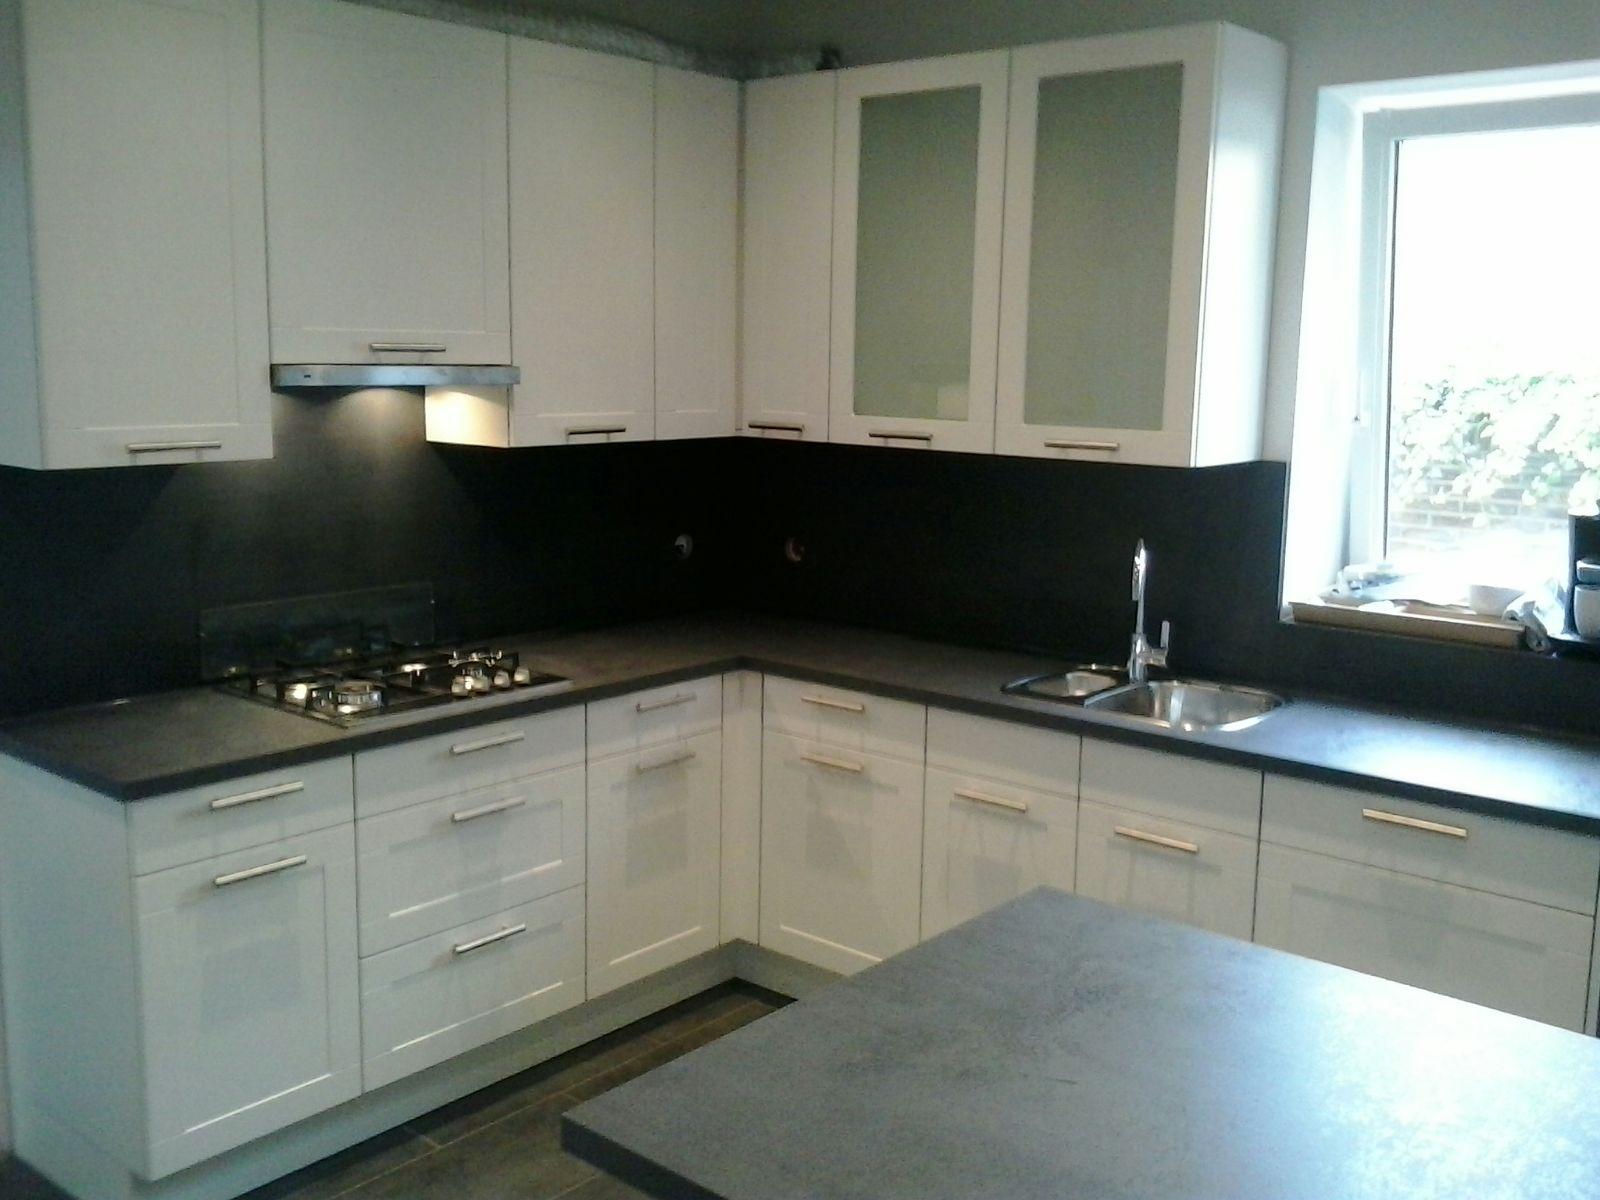 Complete Keuken Inclusief Montage : Ancona zeer complete moderne keuken – I-Kook